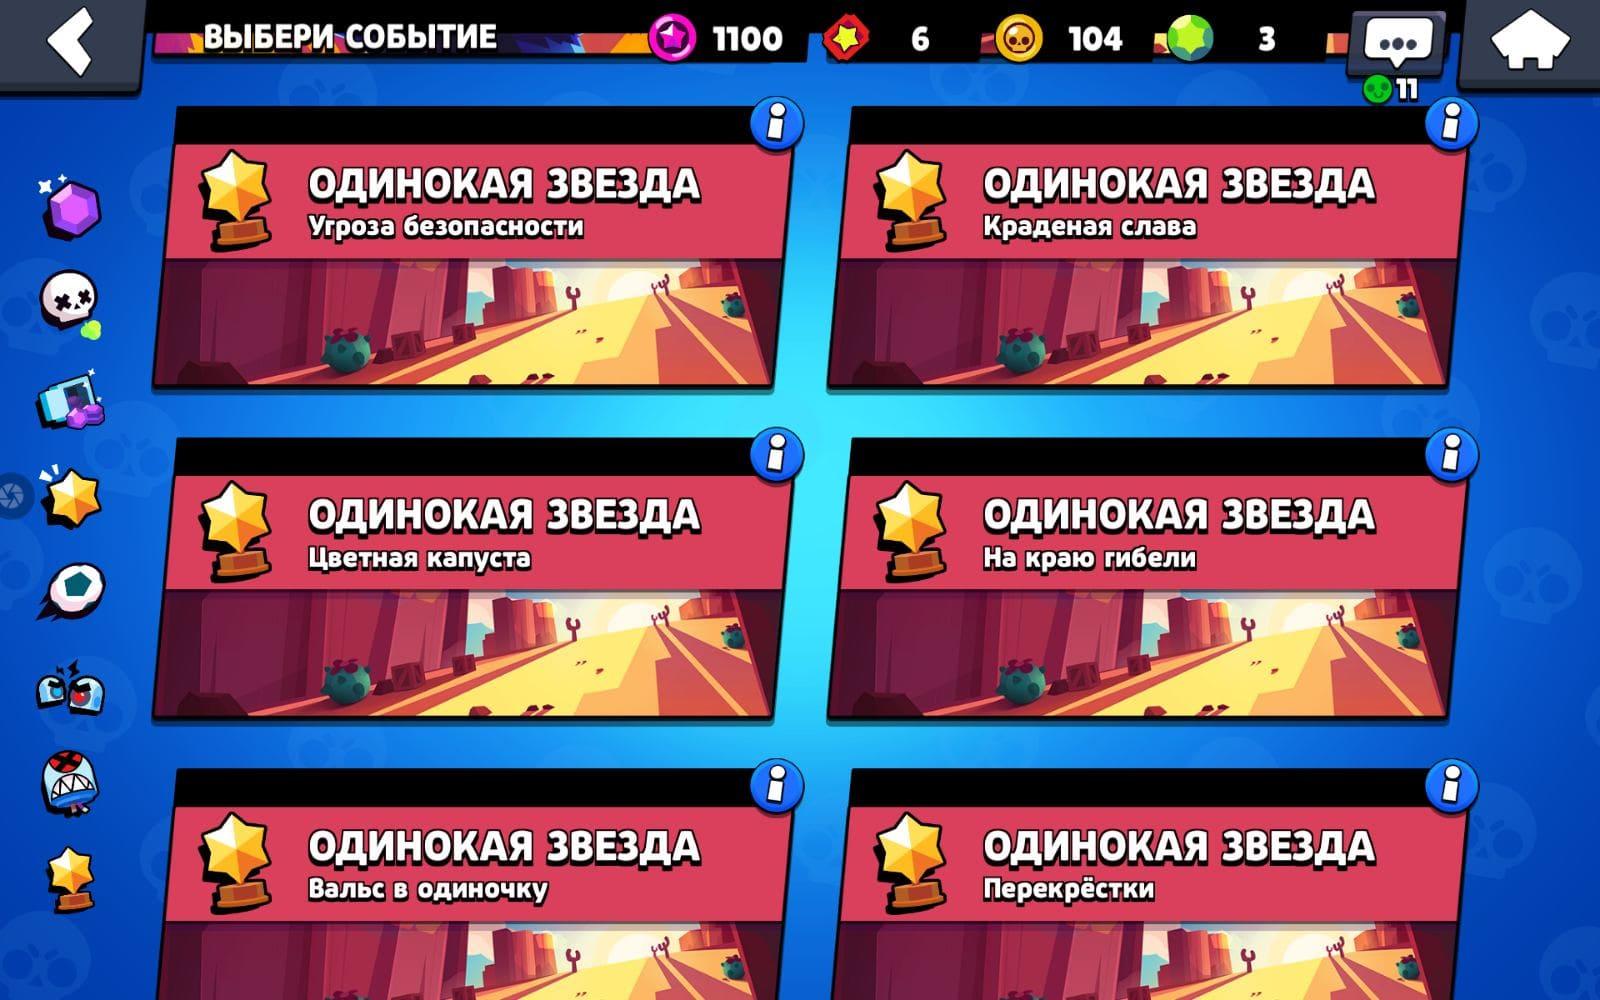 Игровой режим Одинокая звезда